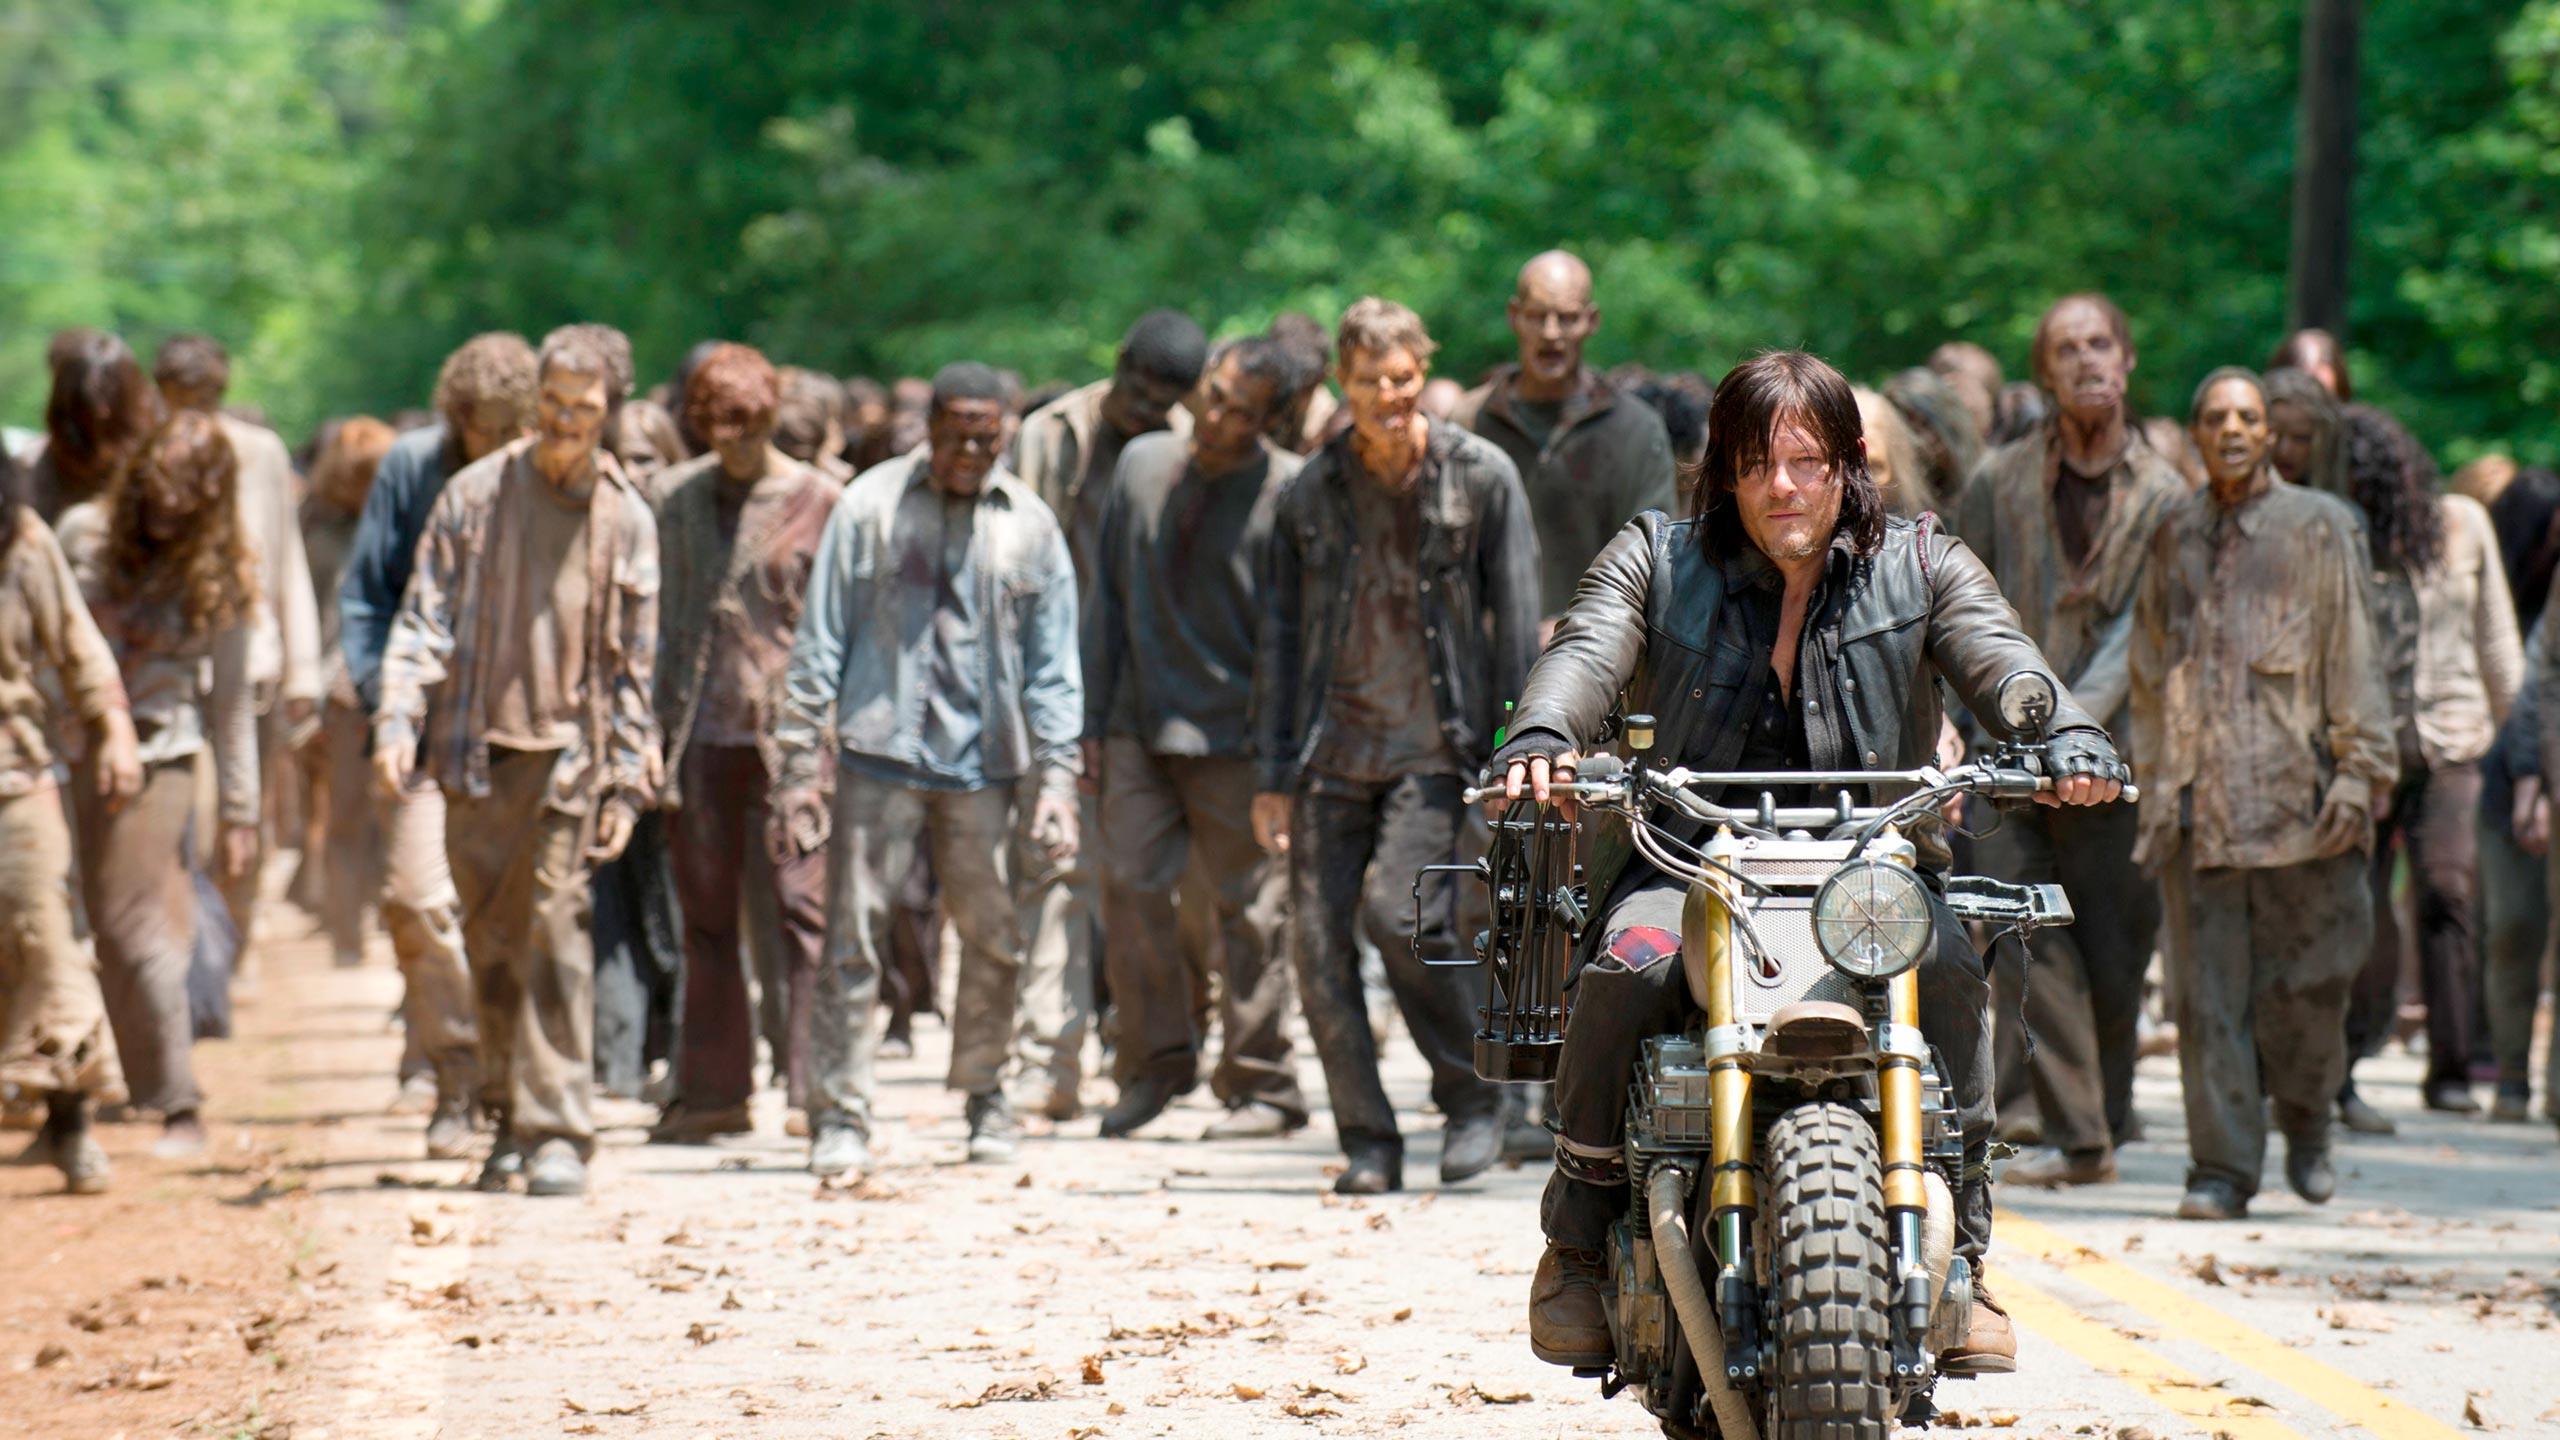 Watch The Walking Dead Season 6 Episode 1 Online Amc